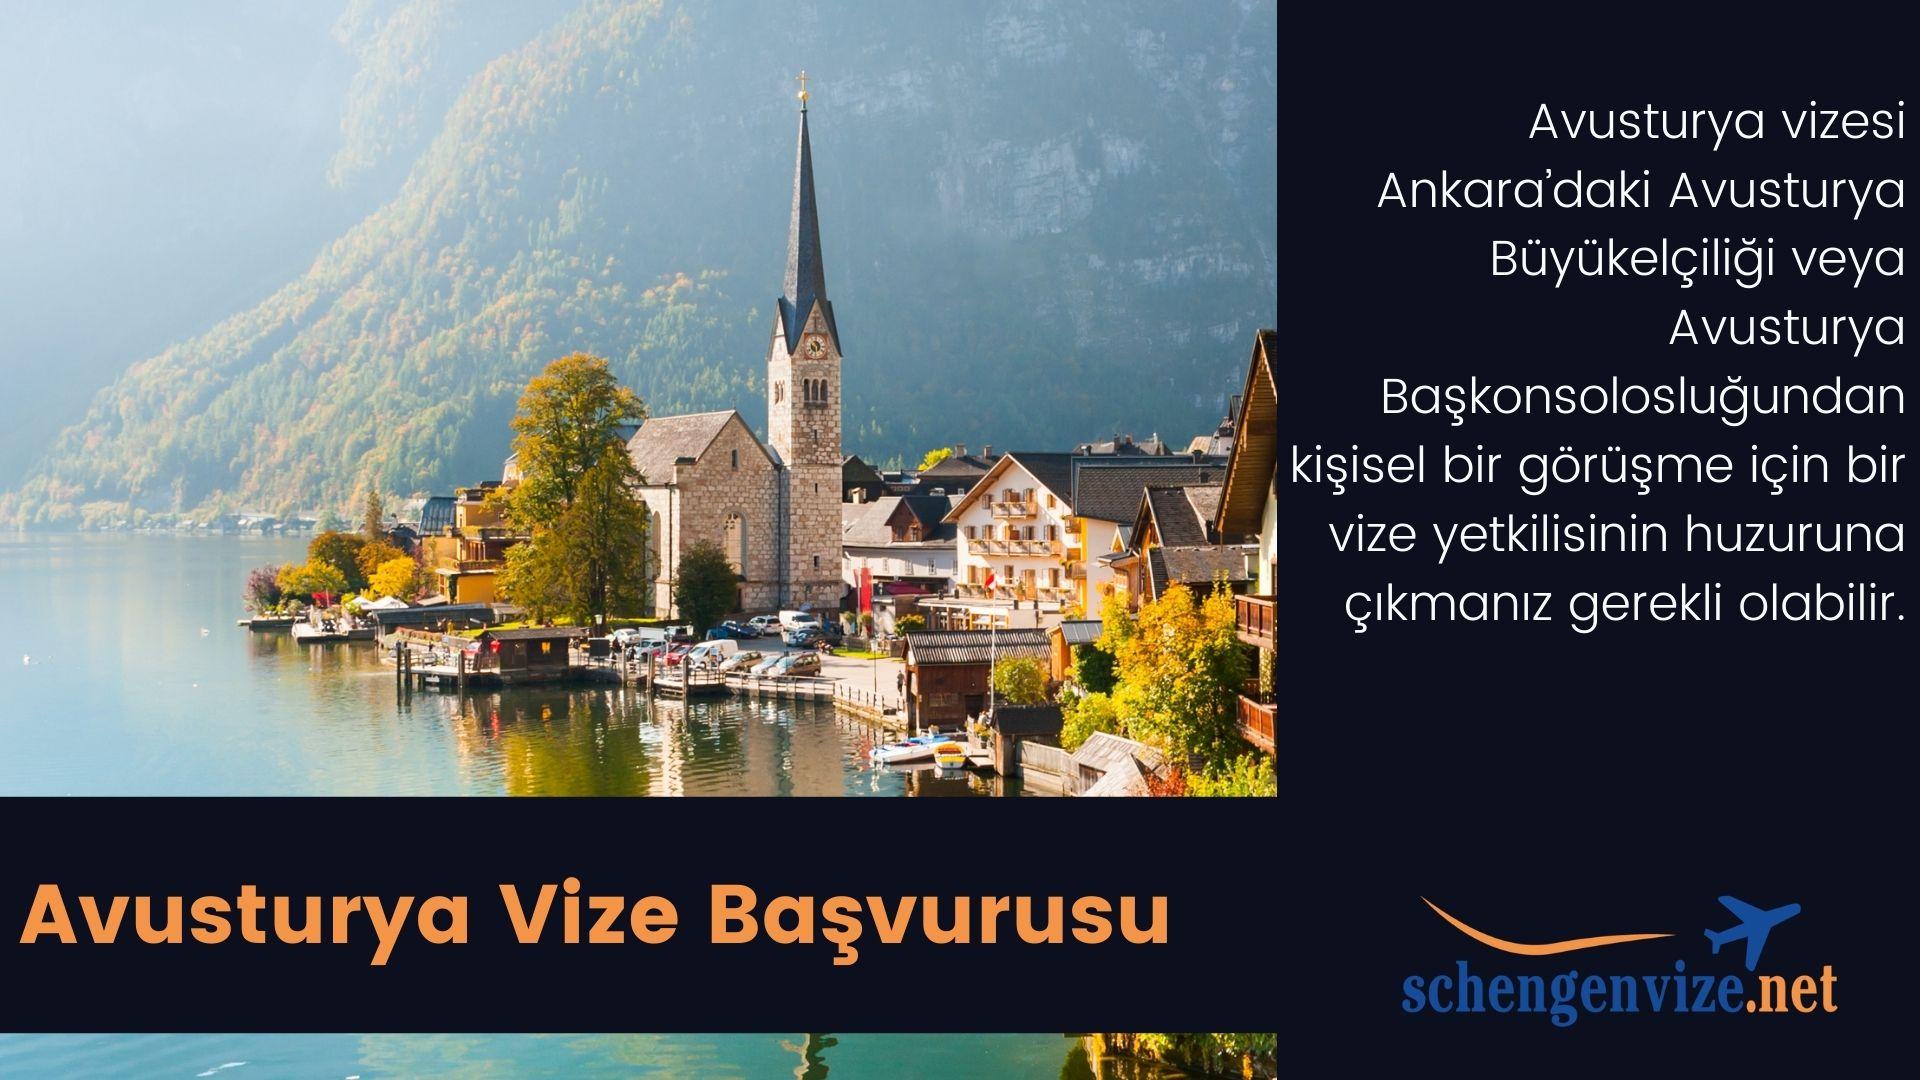 Avusturya Vizesi İşlemleri